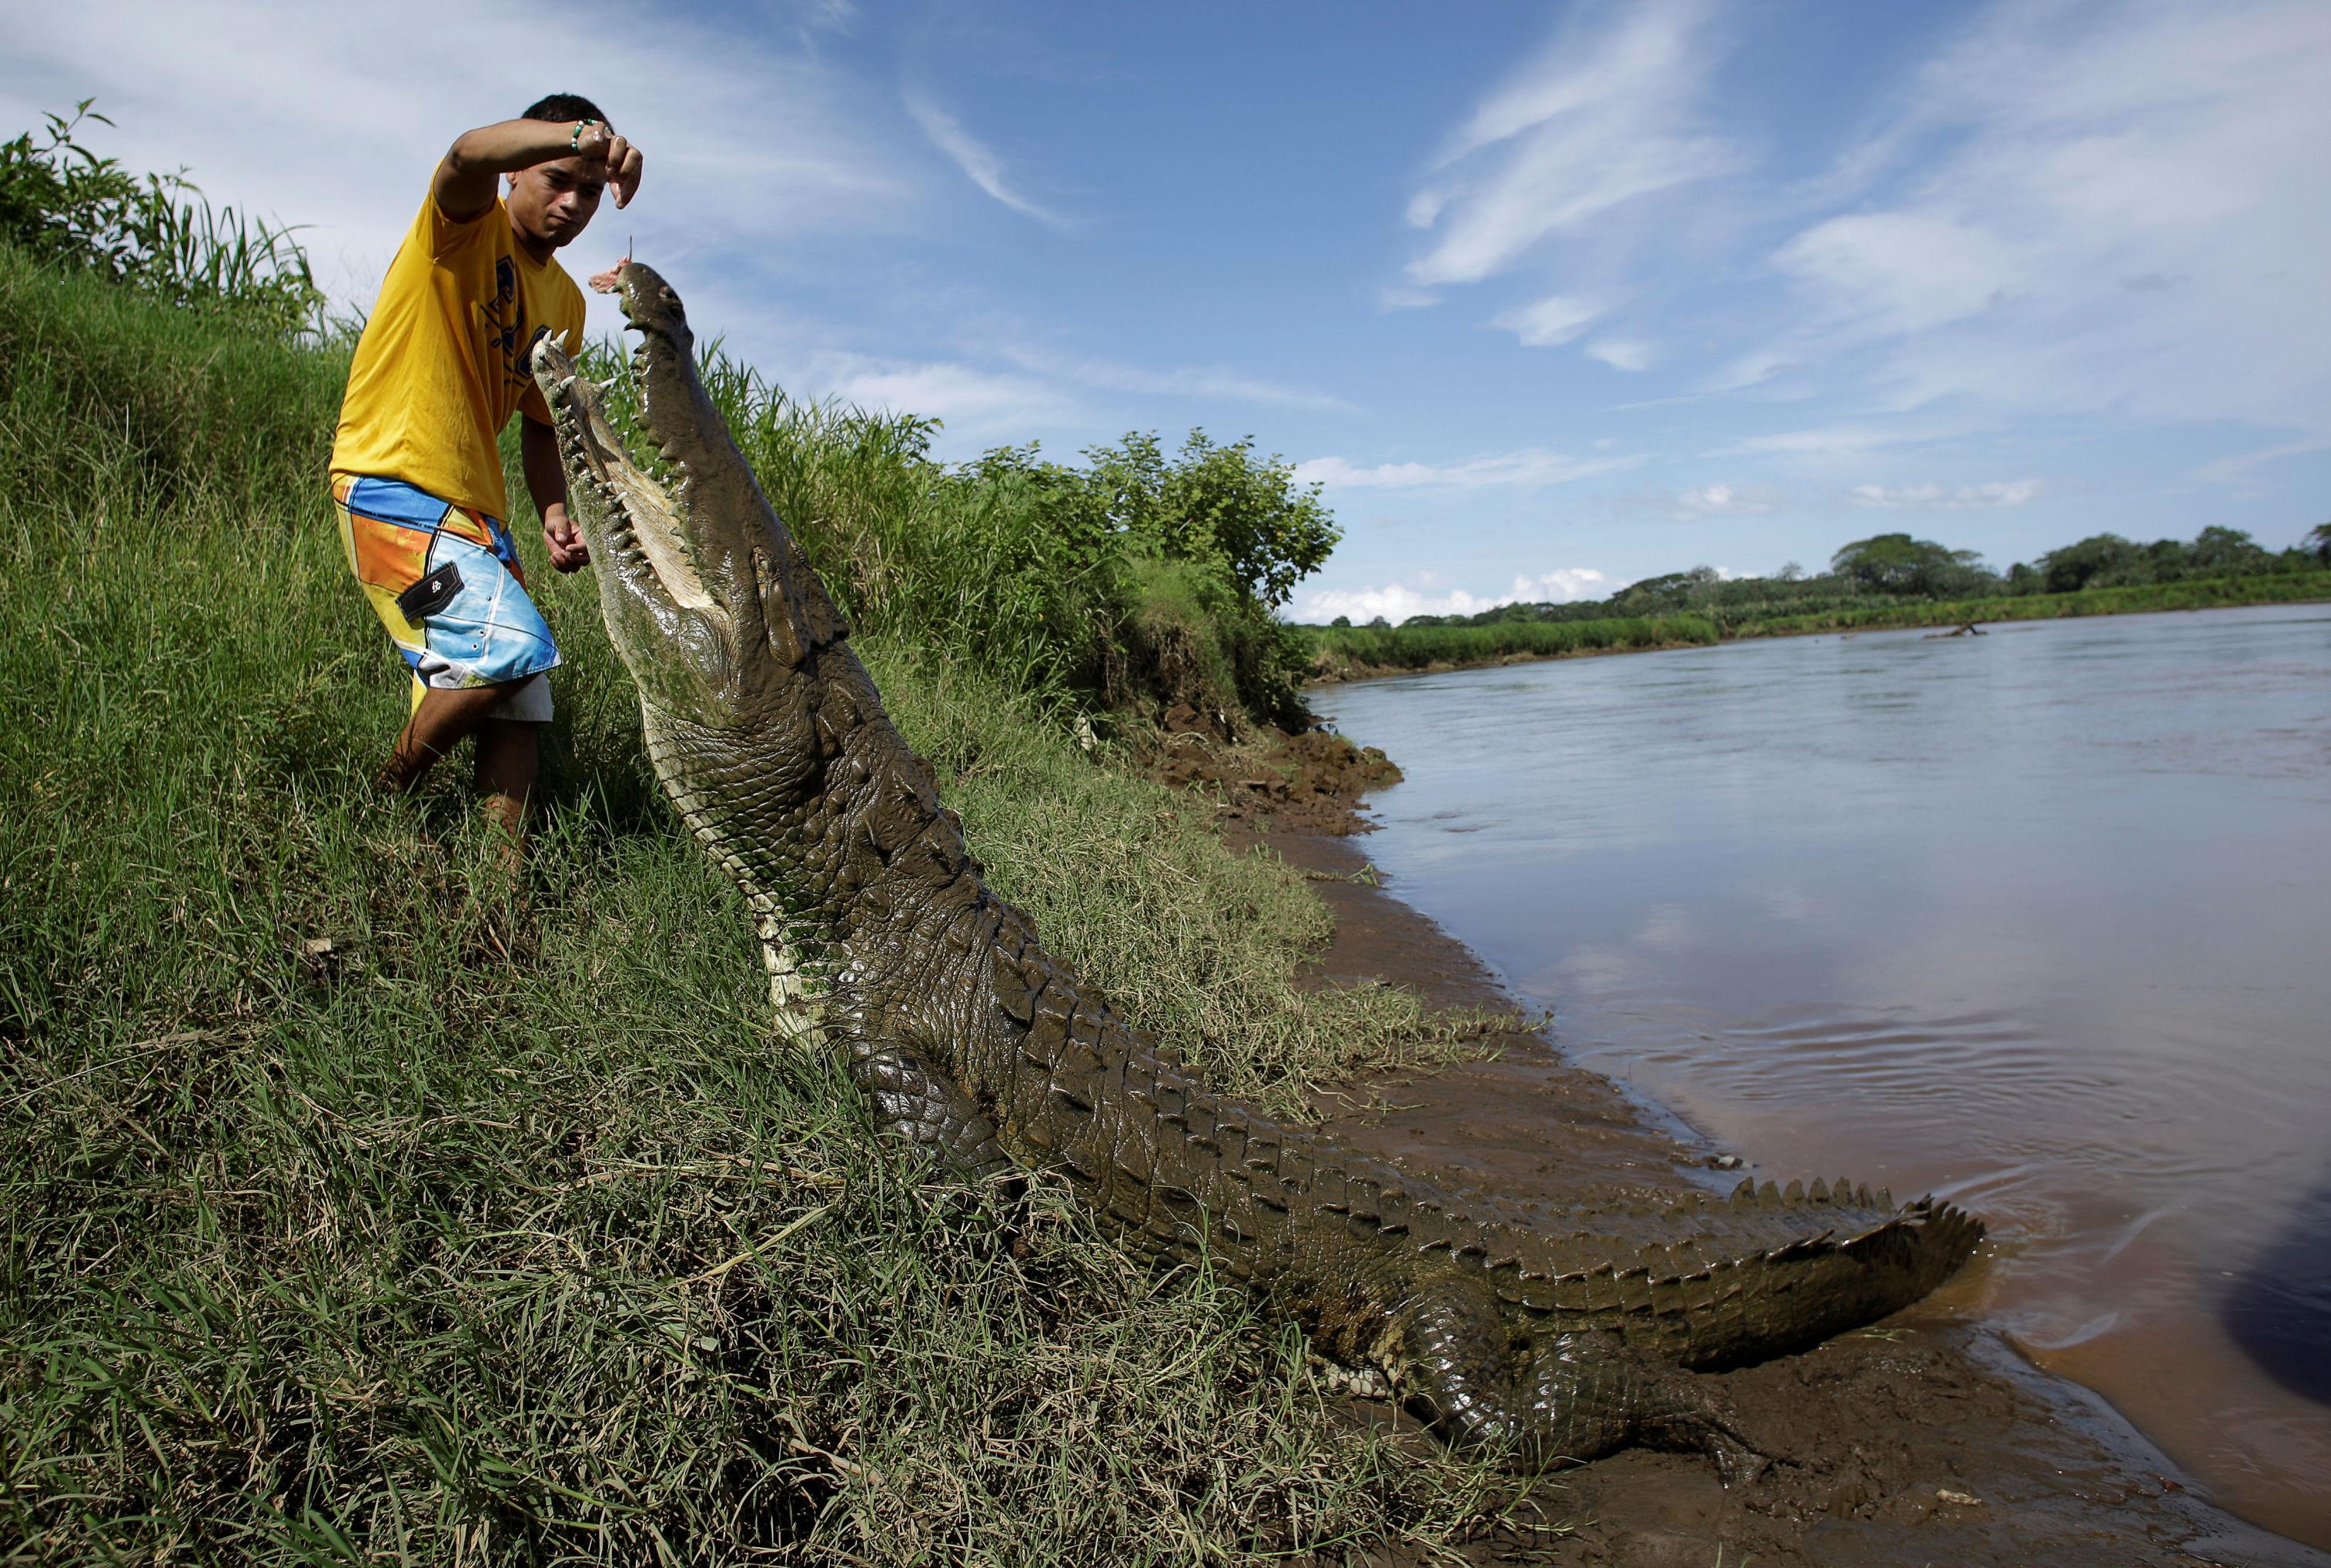 Juan Cerdas alimentando crocodilo enorme no rio Tárcoles